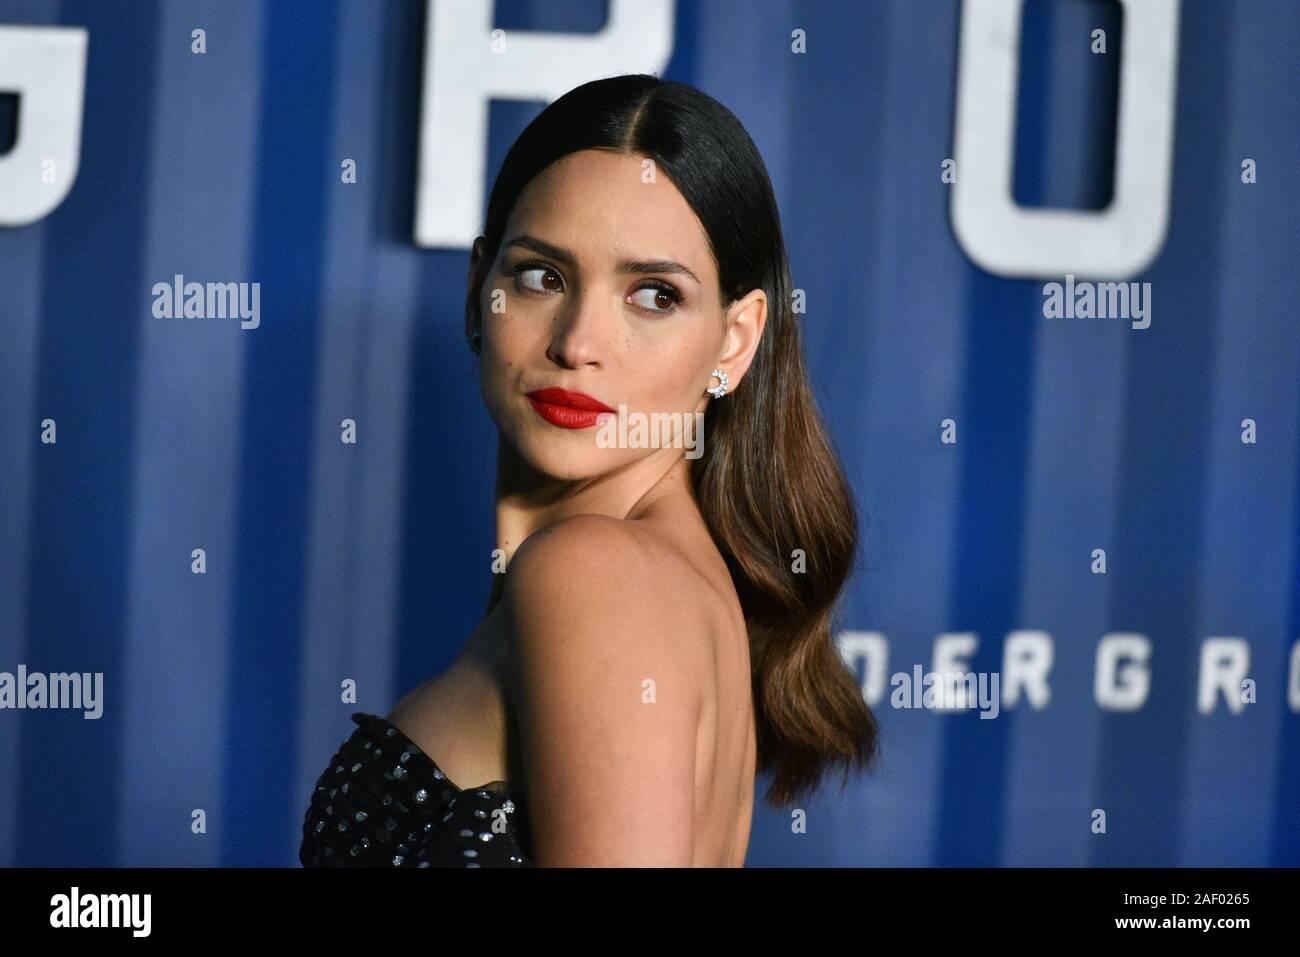 """Adria Arjona besucht von NETFLIX """"6 U"""" New York Premiere im Schuppen am Dezember 10, 2019 in New York City. Stockfoto"""